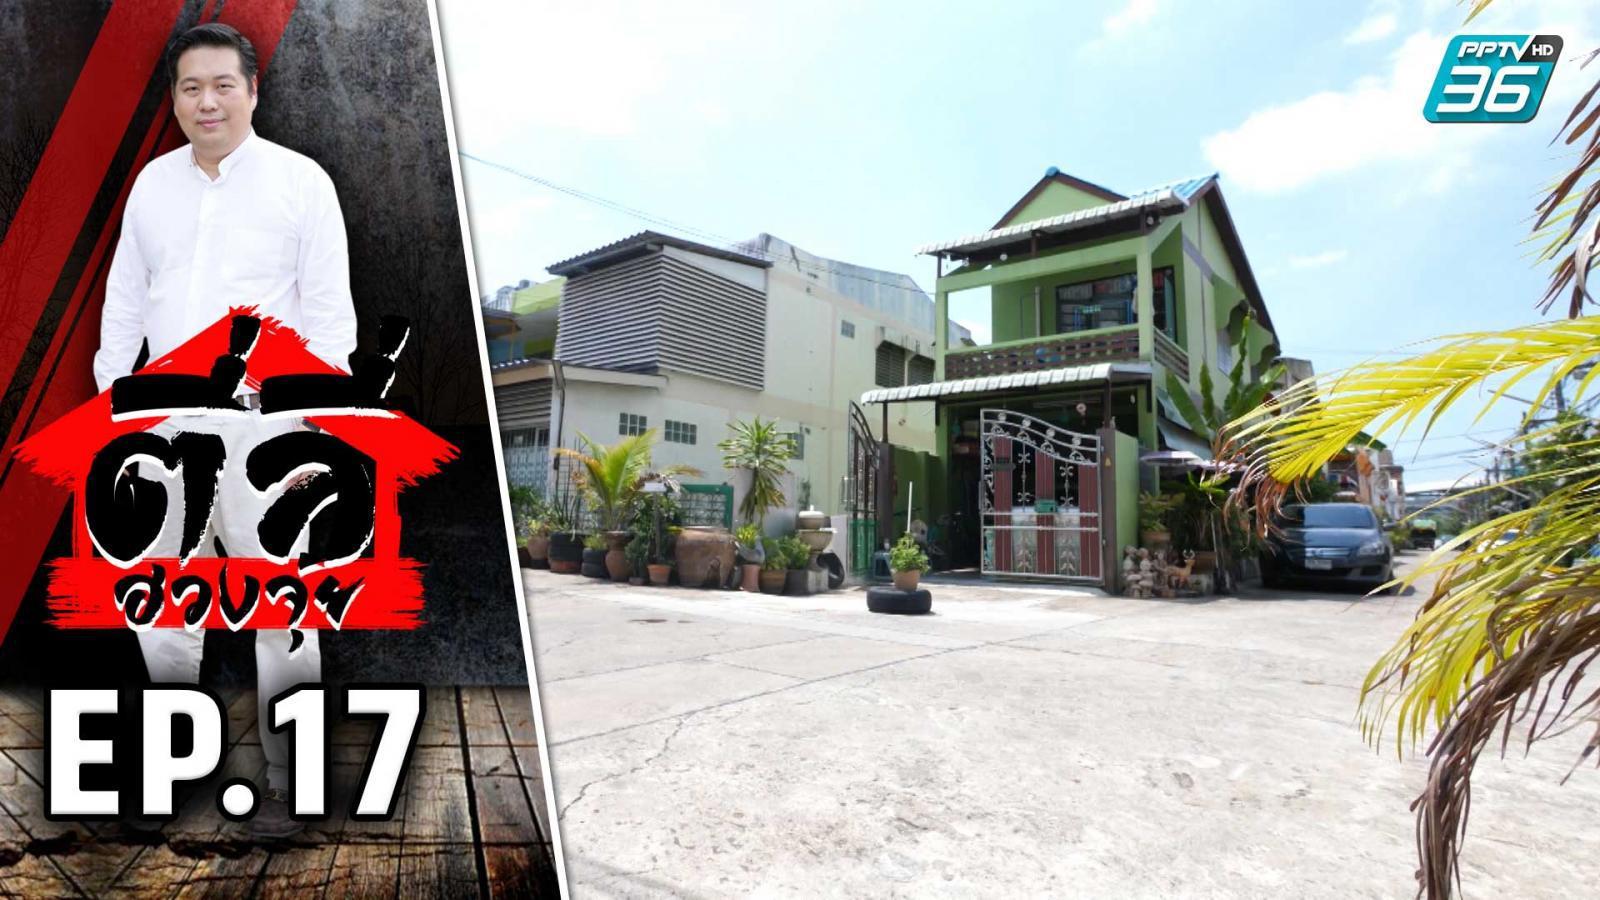 ตี่ลี่ฮวงจุ้ย | ตอน บ้านหลังเดียวโดด ๆ ผิดหรือไม่?  EP.17 | PPTV HD 36